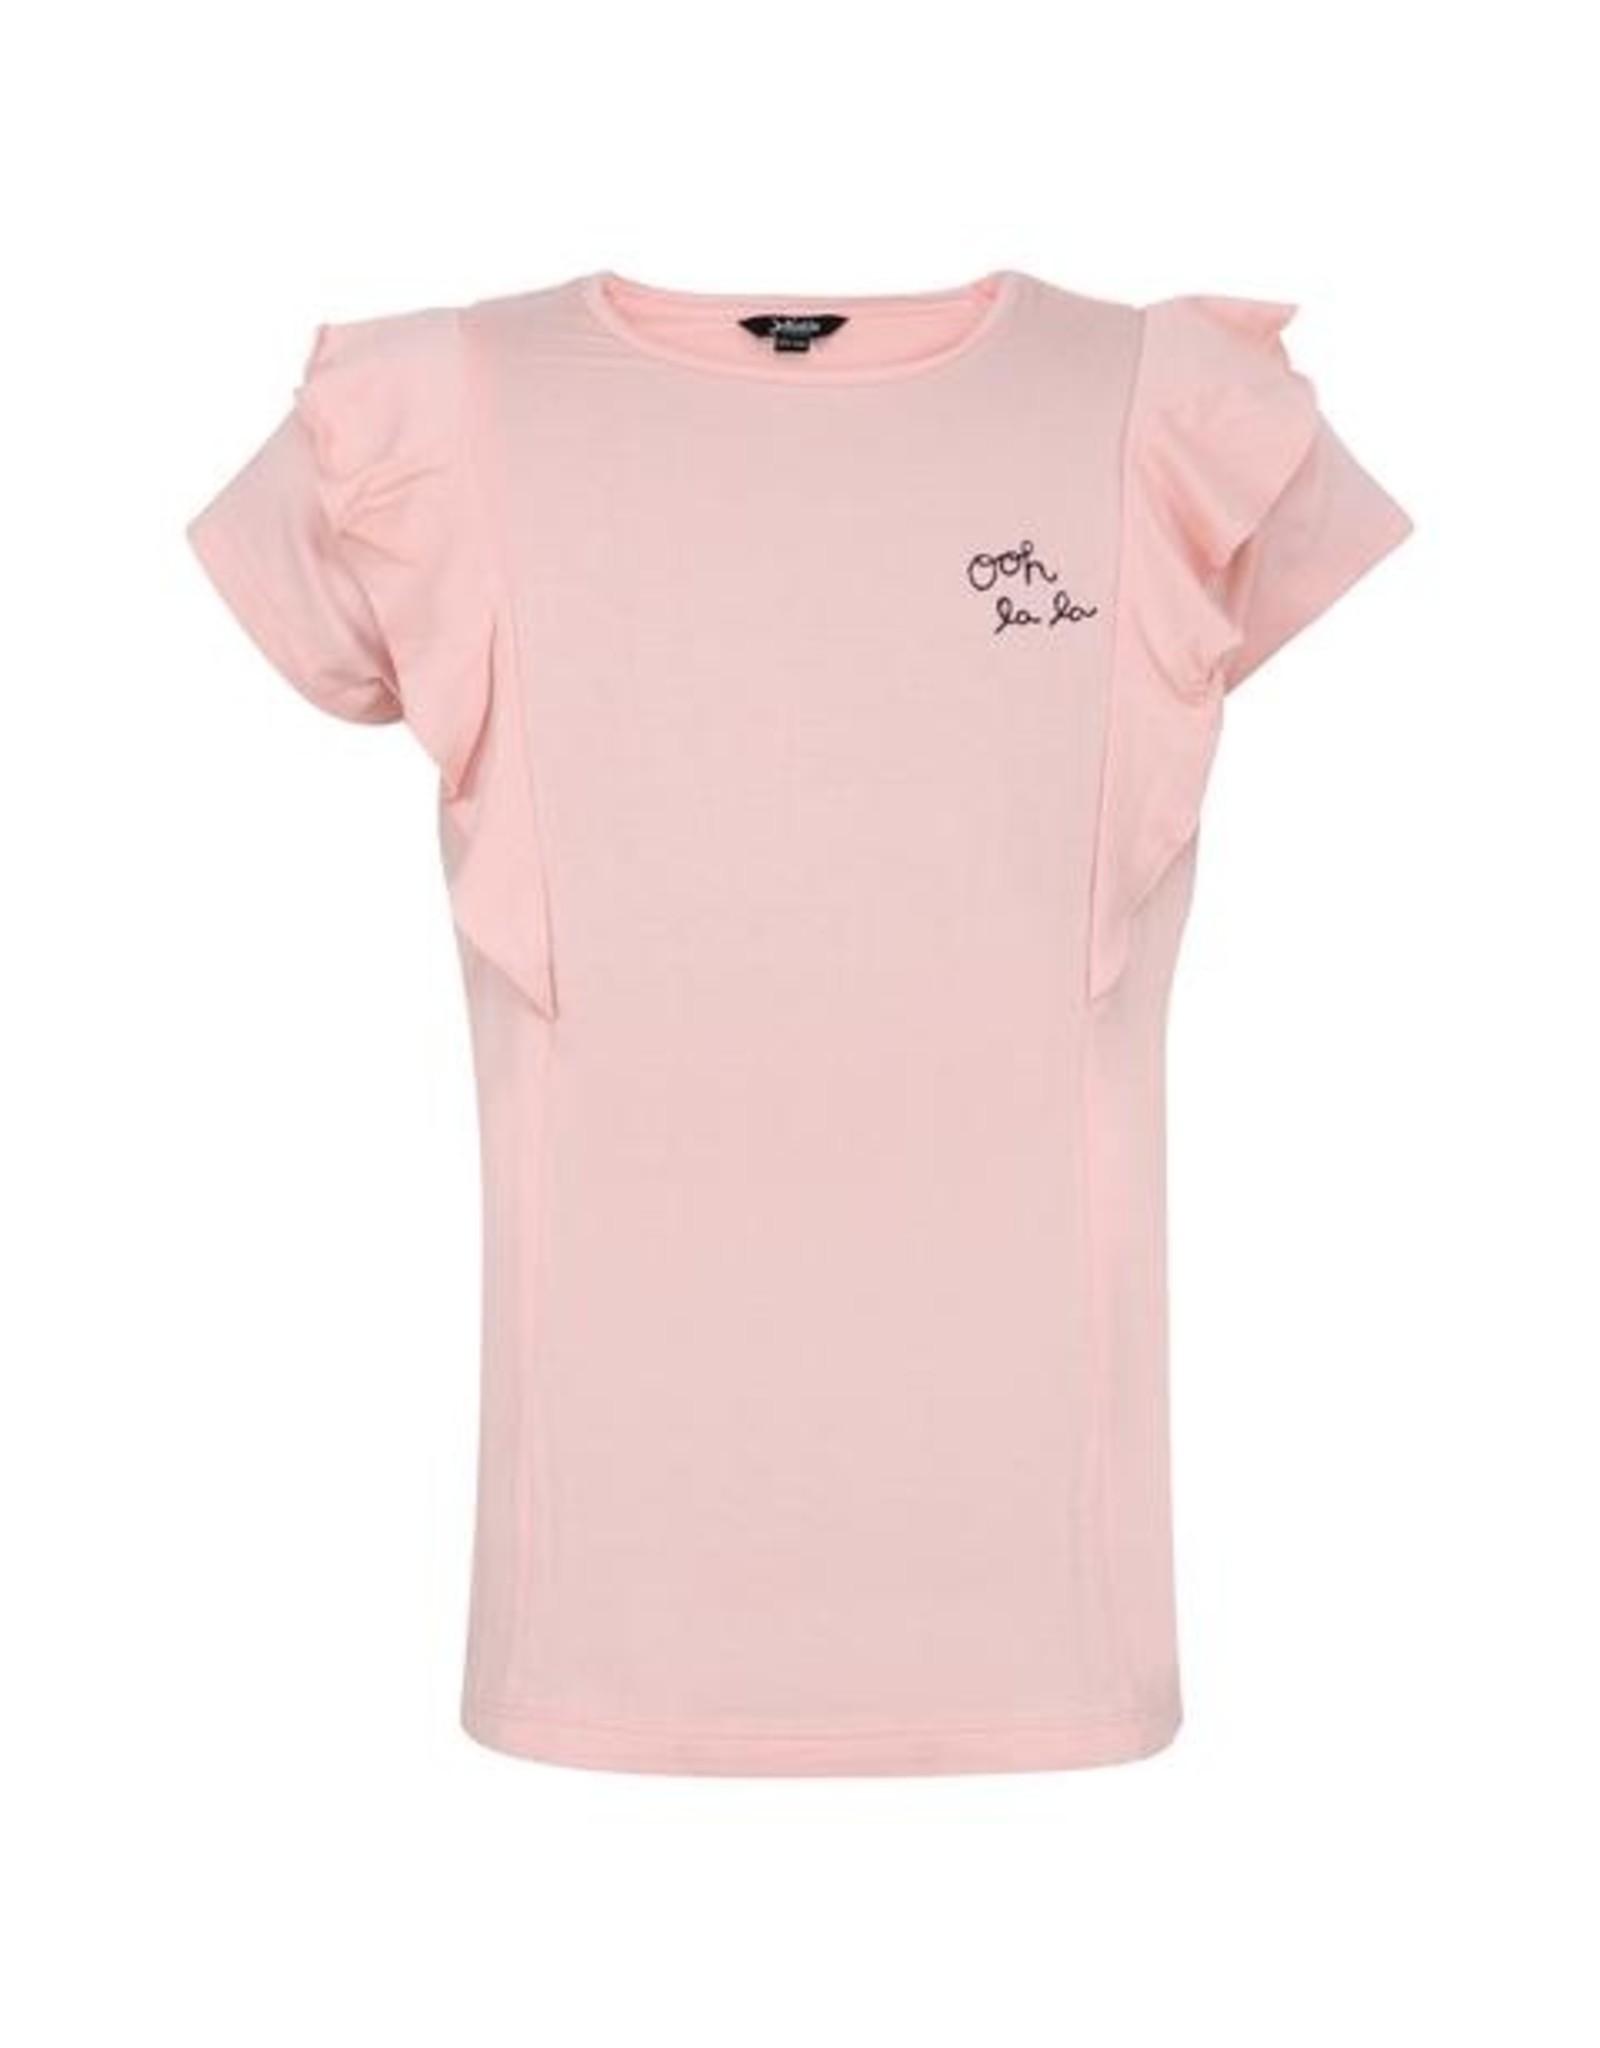 Little Miss Juliette T-shirt, RSE